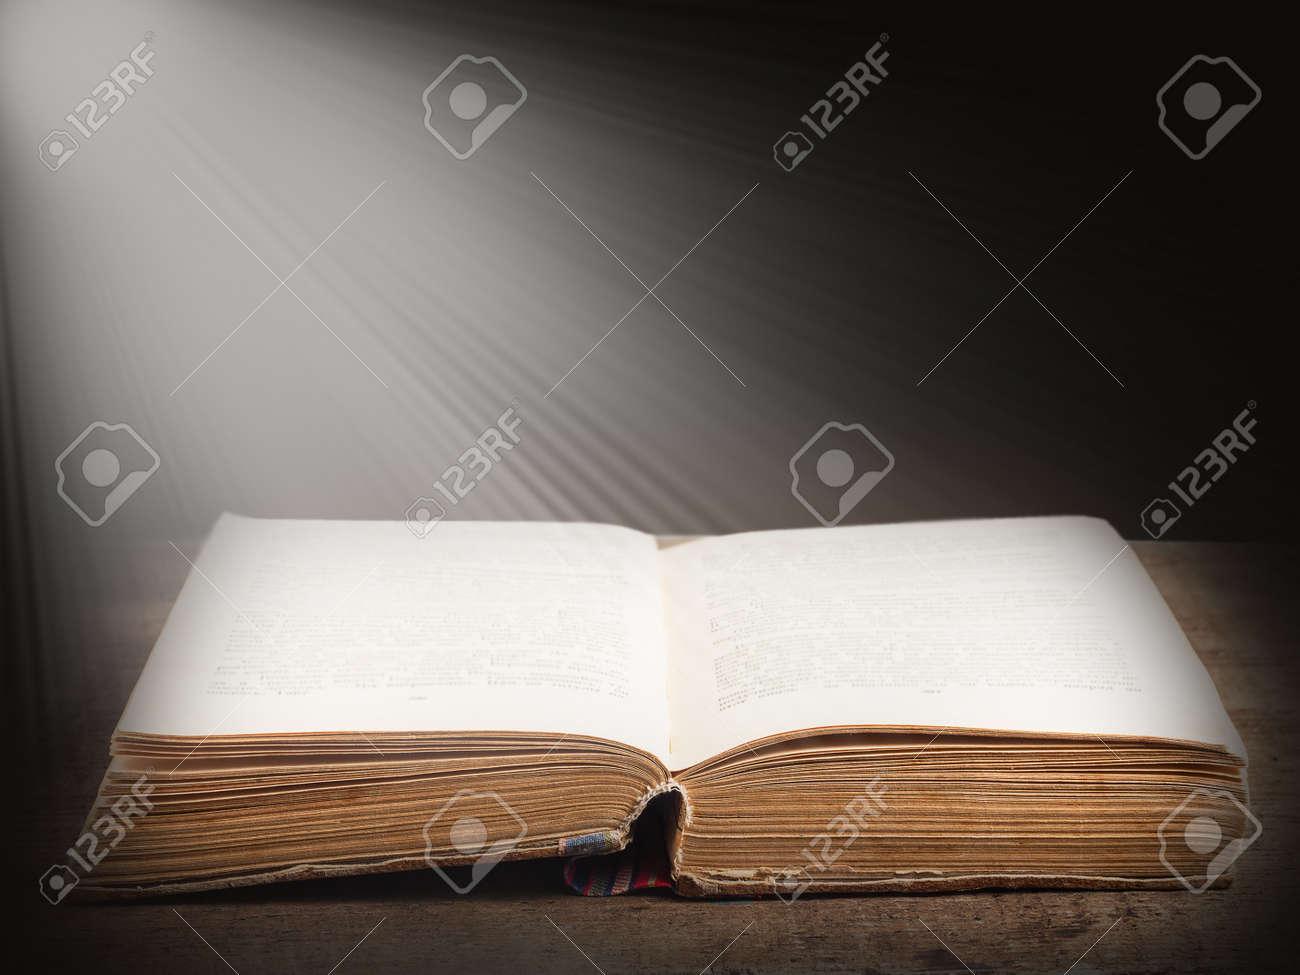 Ouvrir Le Livre Illumine Par Un Faisceau Lumineux De La Lumiere Sur Abstraite Fond Sombre